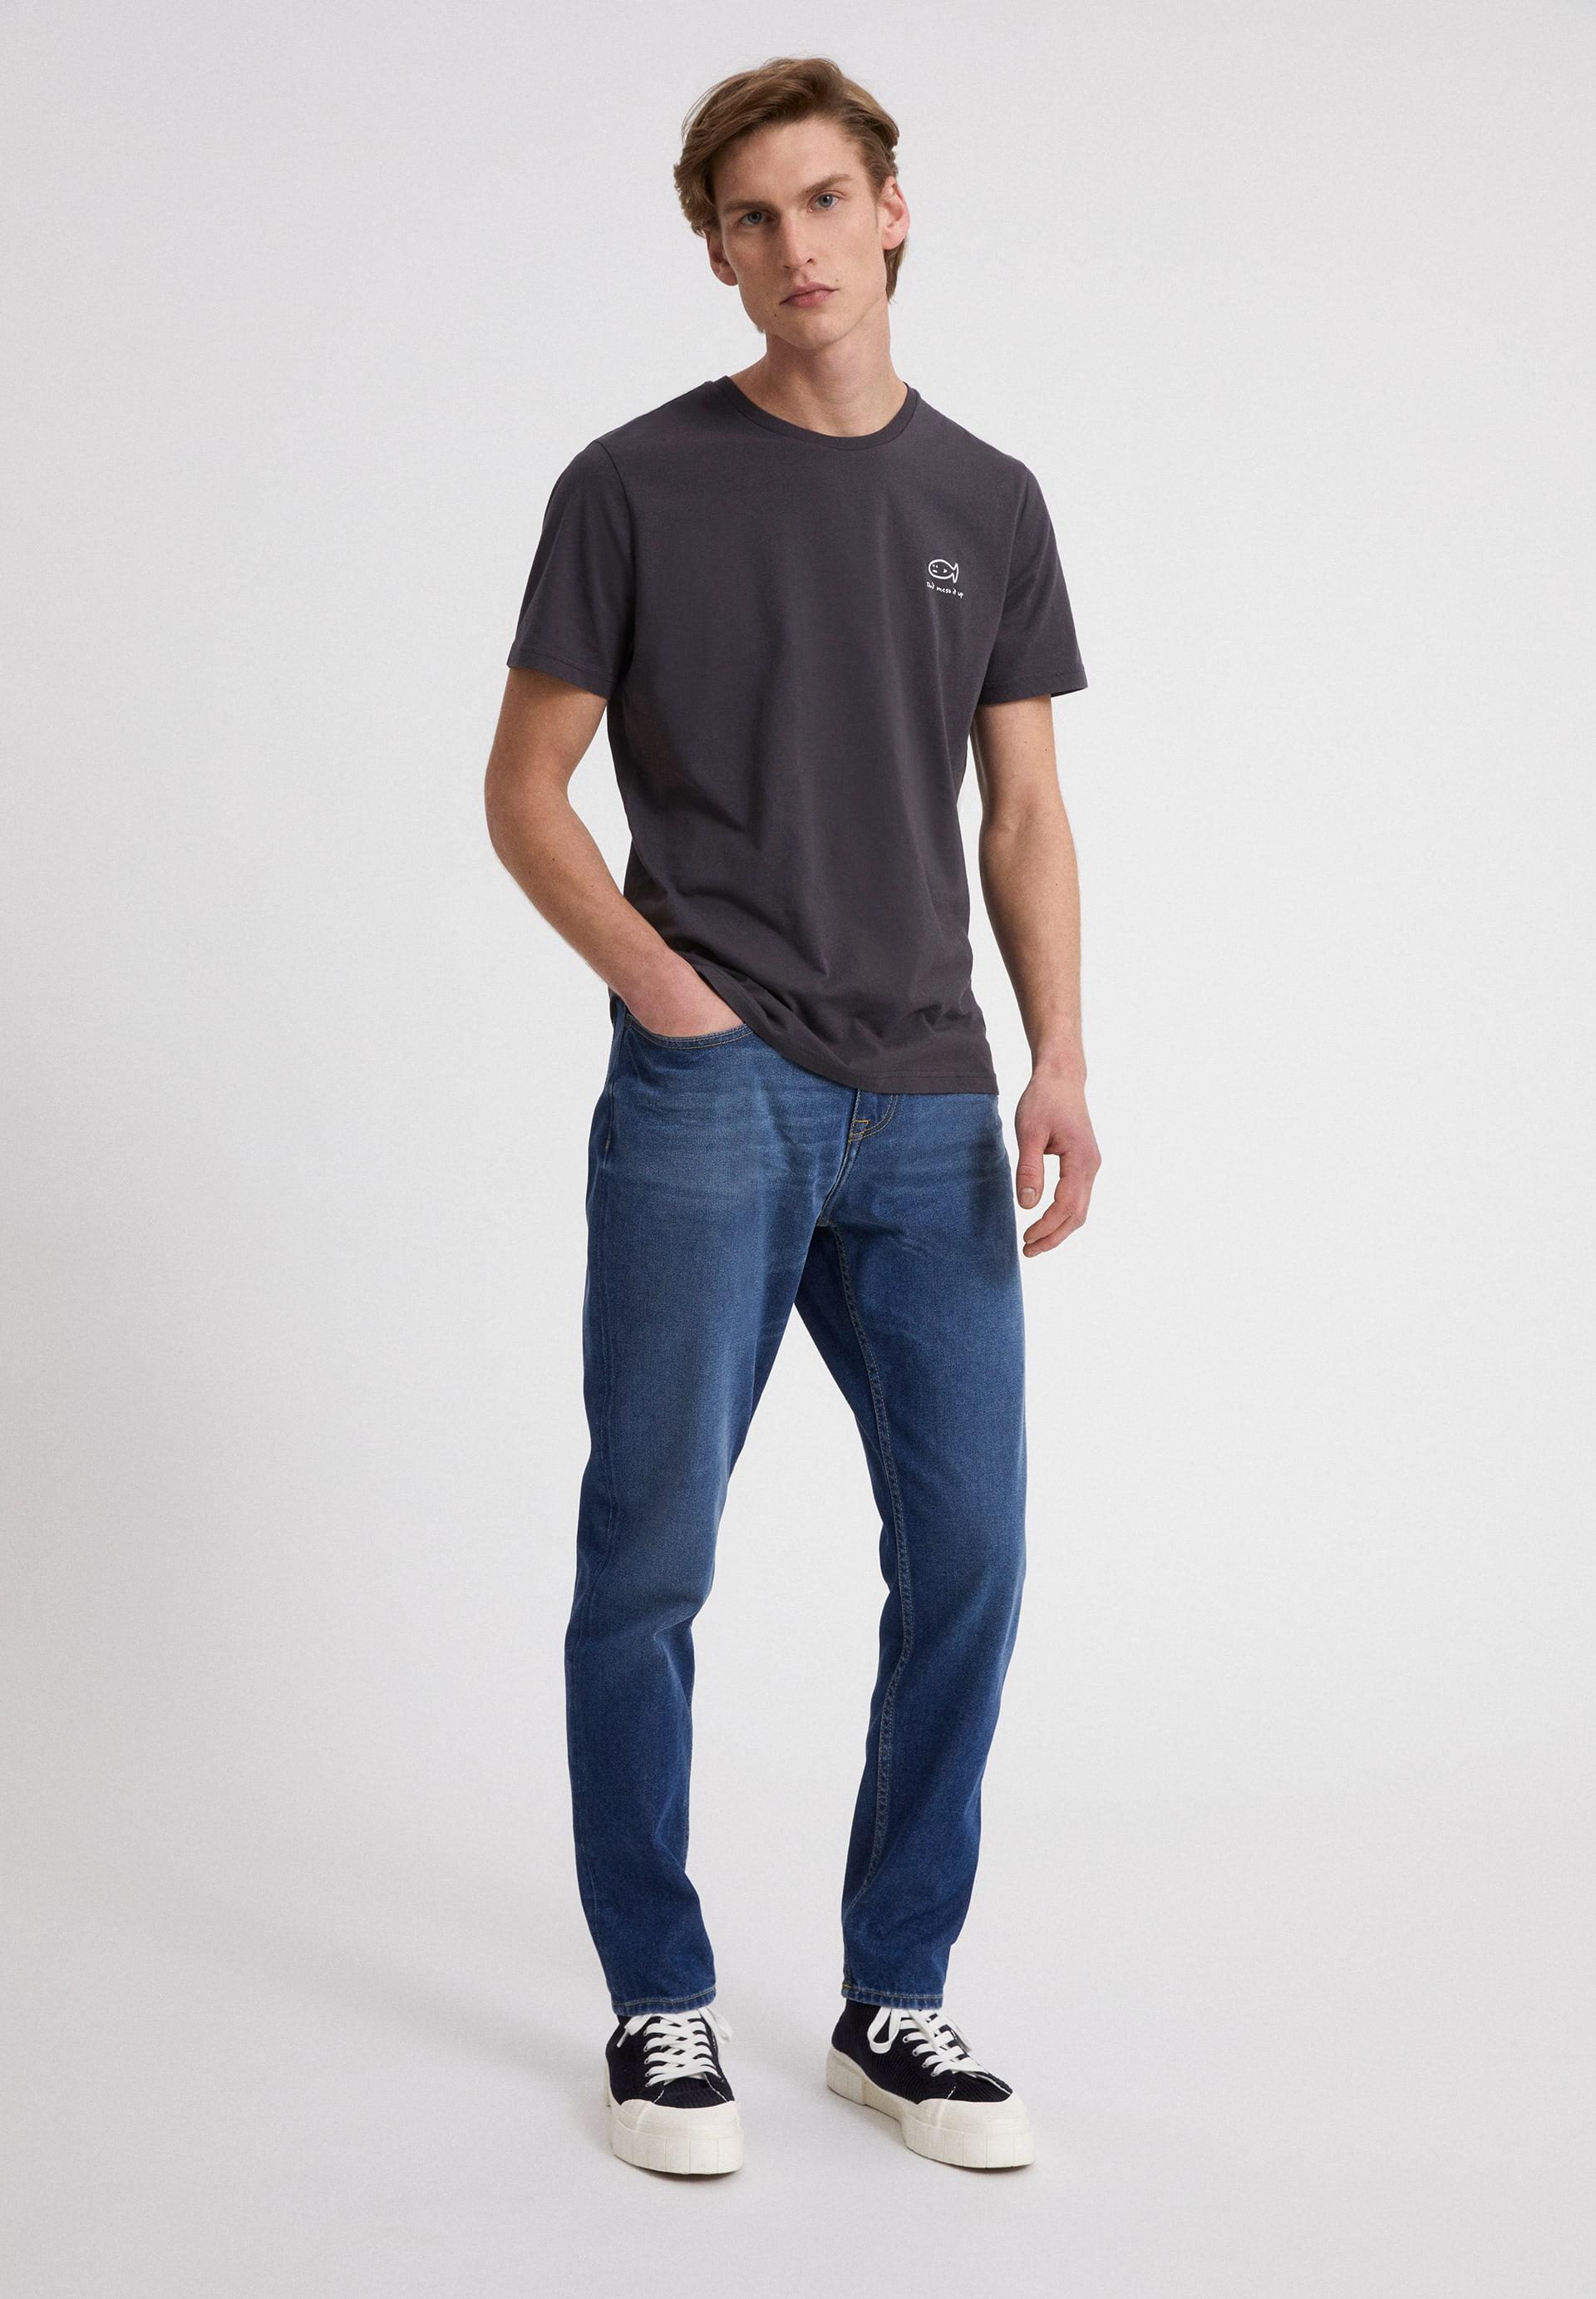 JAAMES DONT MESS IT UP T-shirt en coton biologique